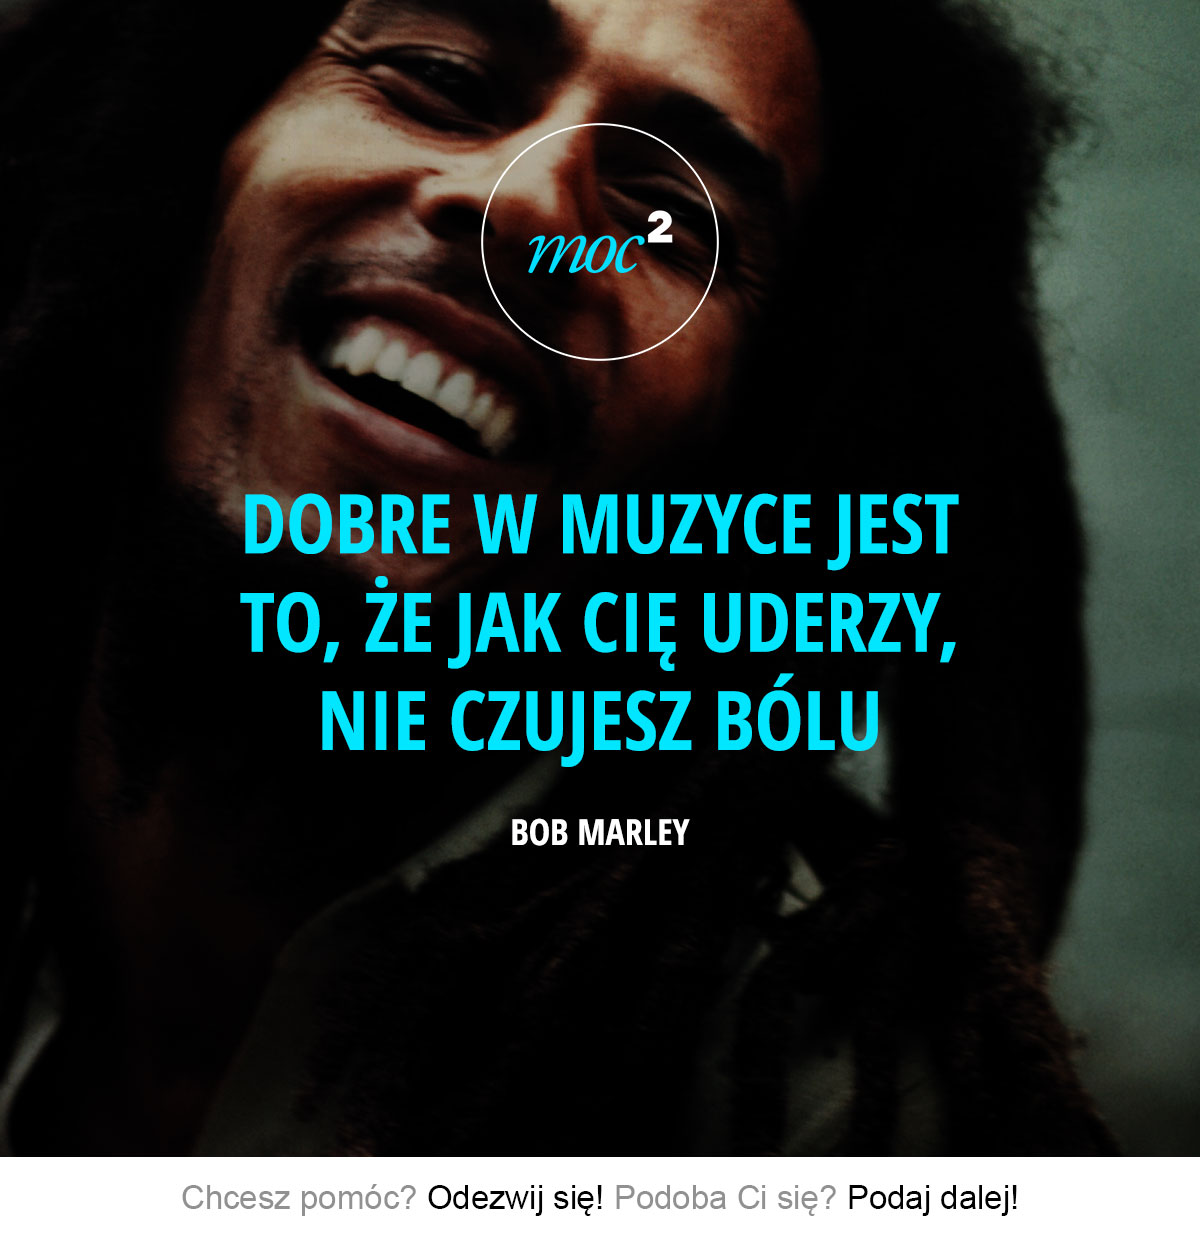 Dobre w muzyce jest to, że jak cię uderzy, nie czujesz bólu. - Bob Marley